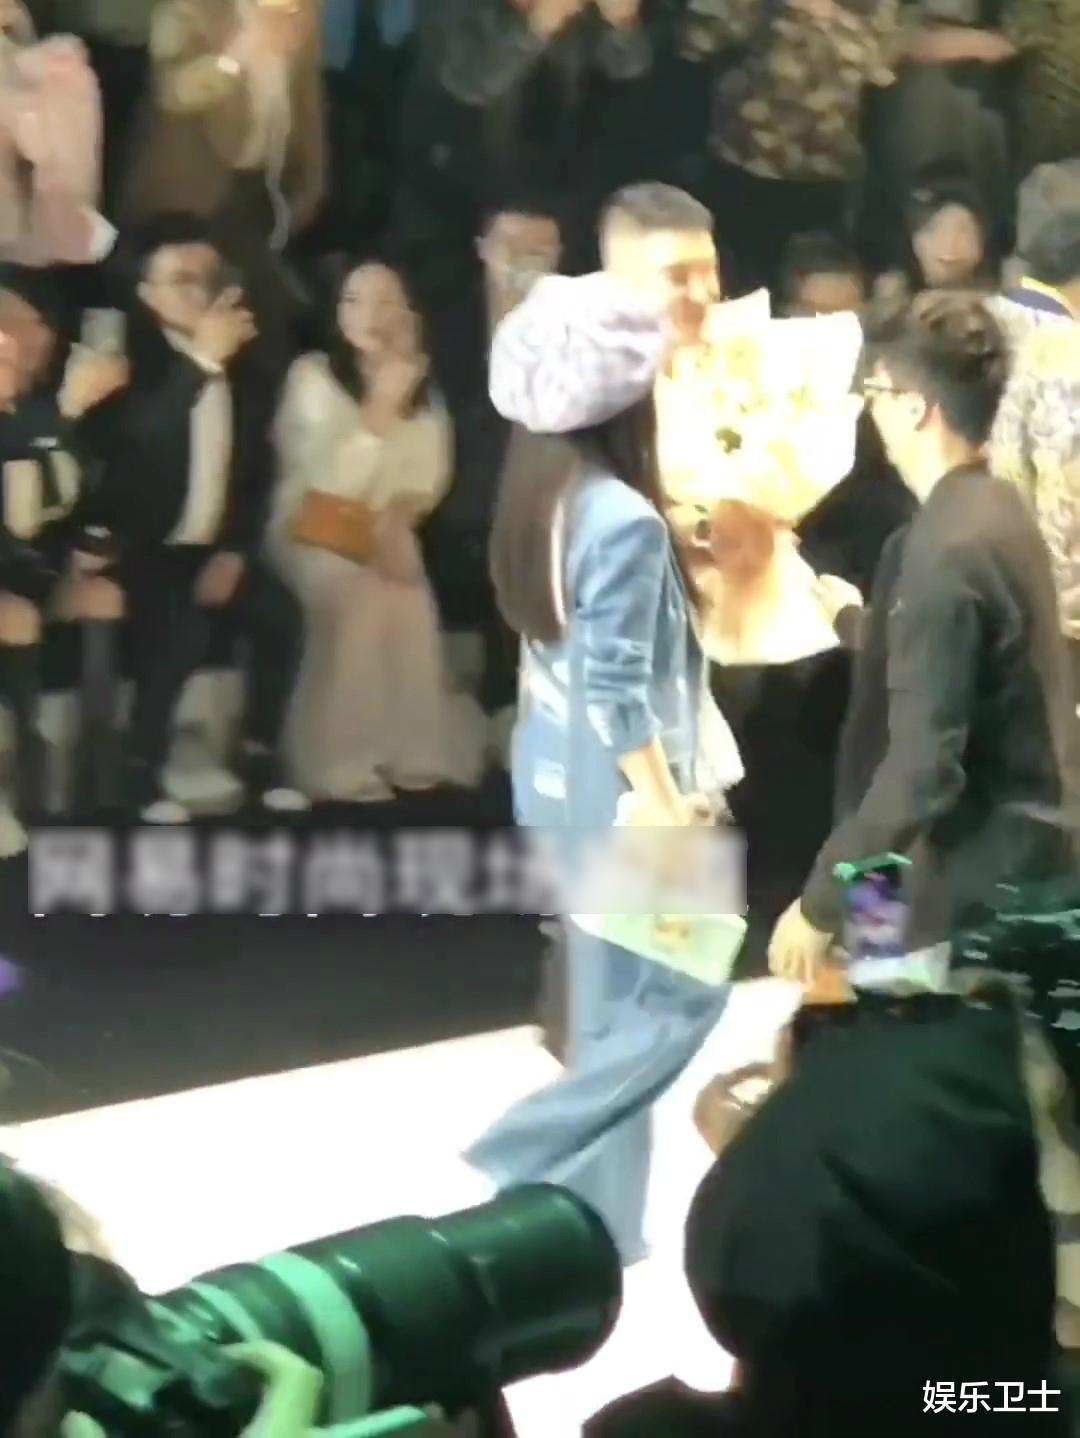 范冰冰參加上海時裝周,被特殊照顧顯大花身份,與馬蘇同框全程避嫌無交流-圖10